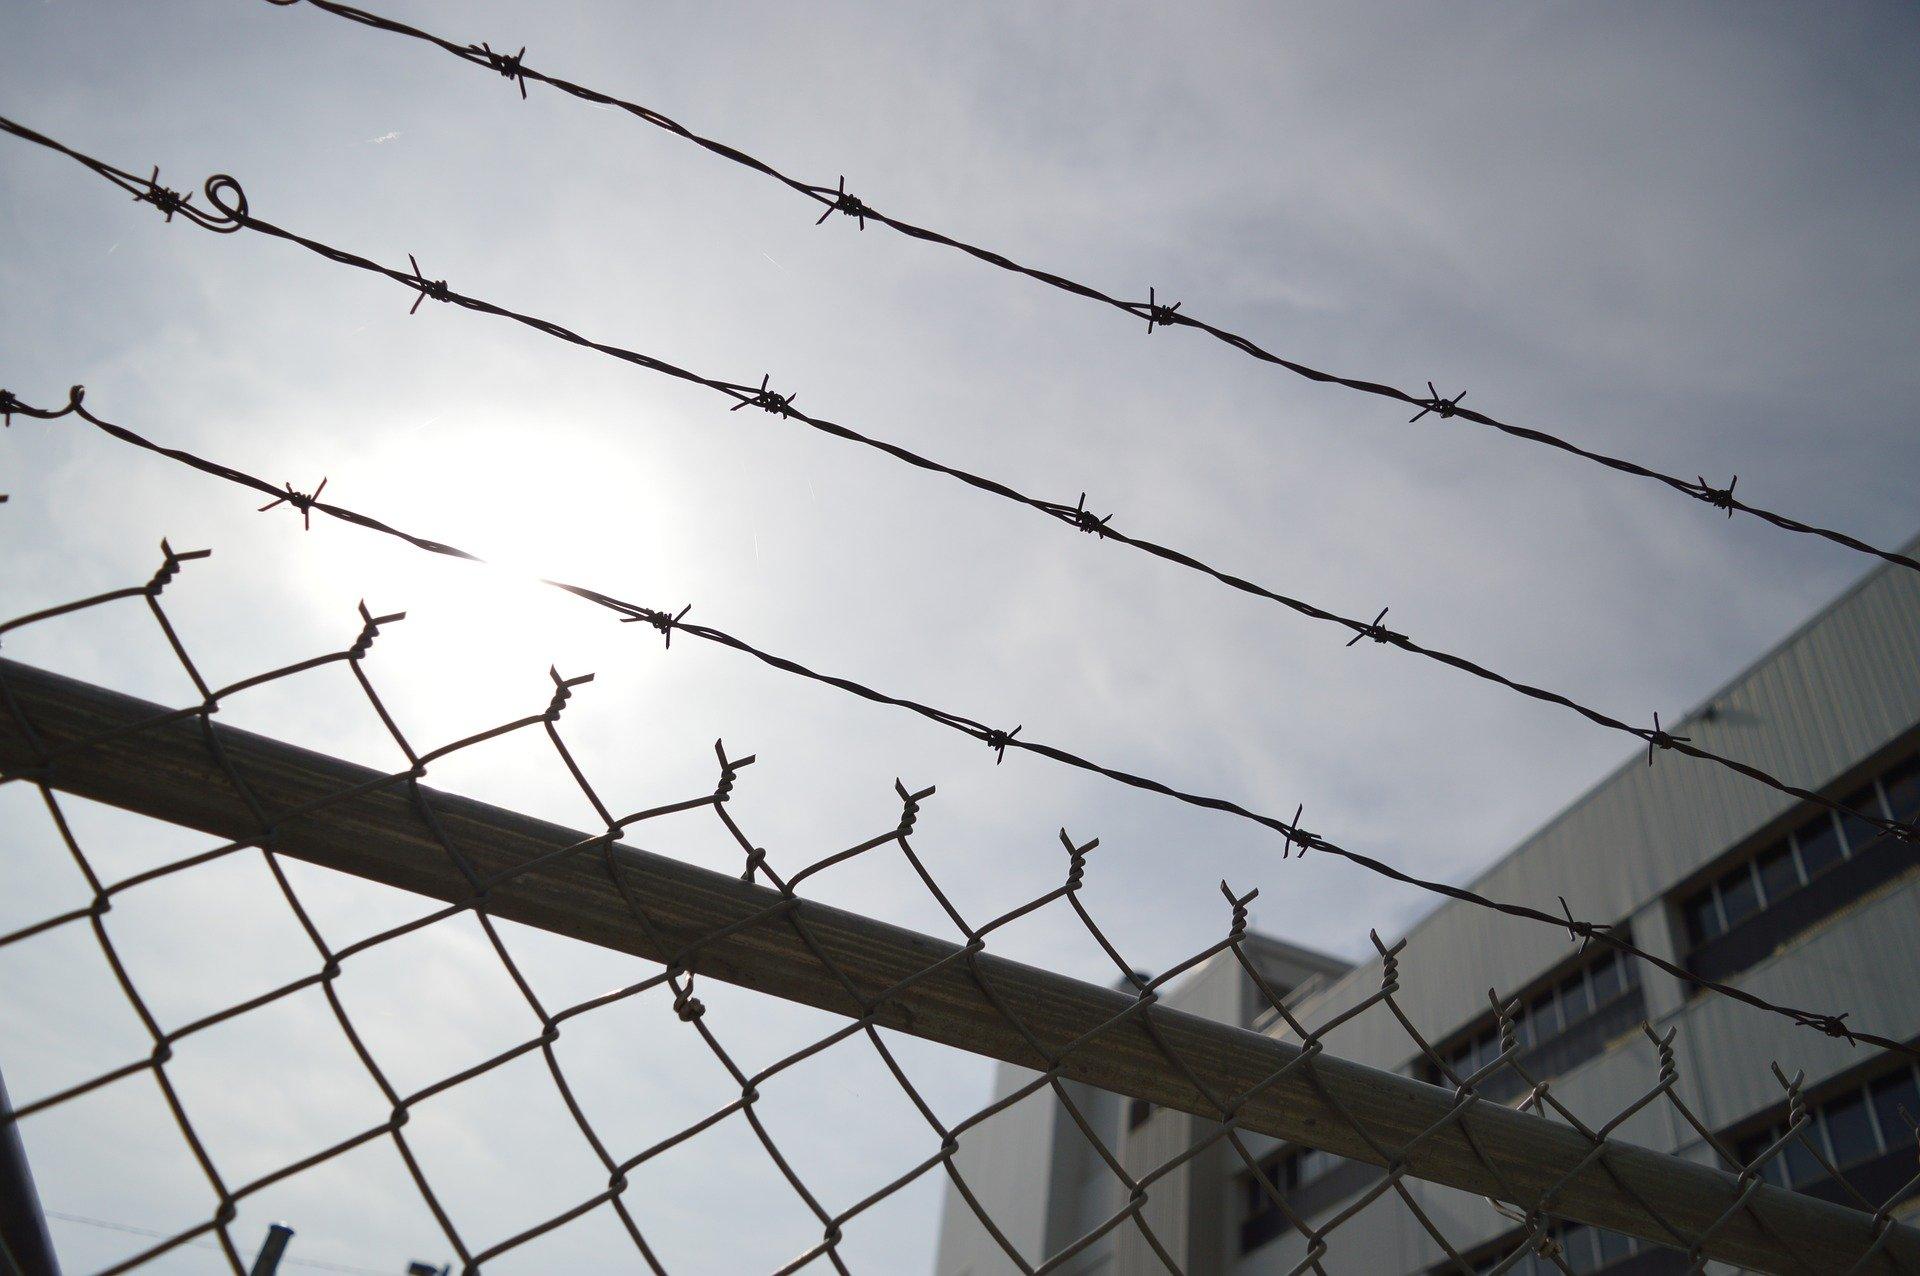 NIK: Nastąpił wzrost aktywności pracowniczej i społecznej więźniów - Zdjęcie główne